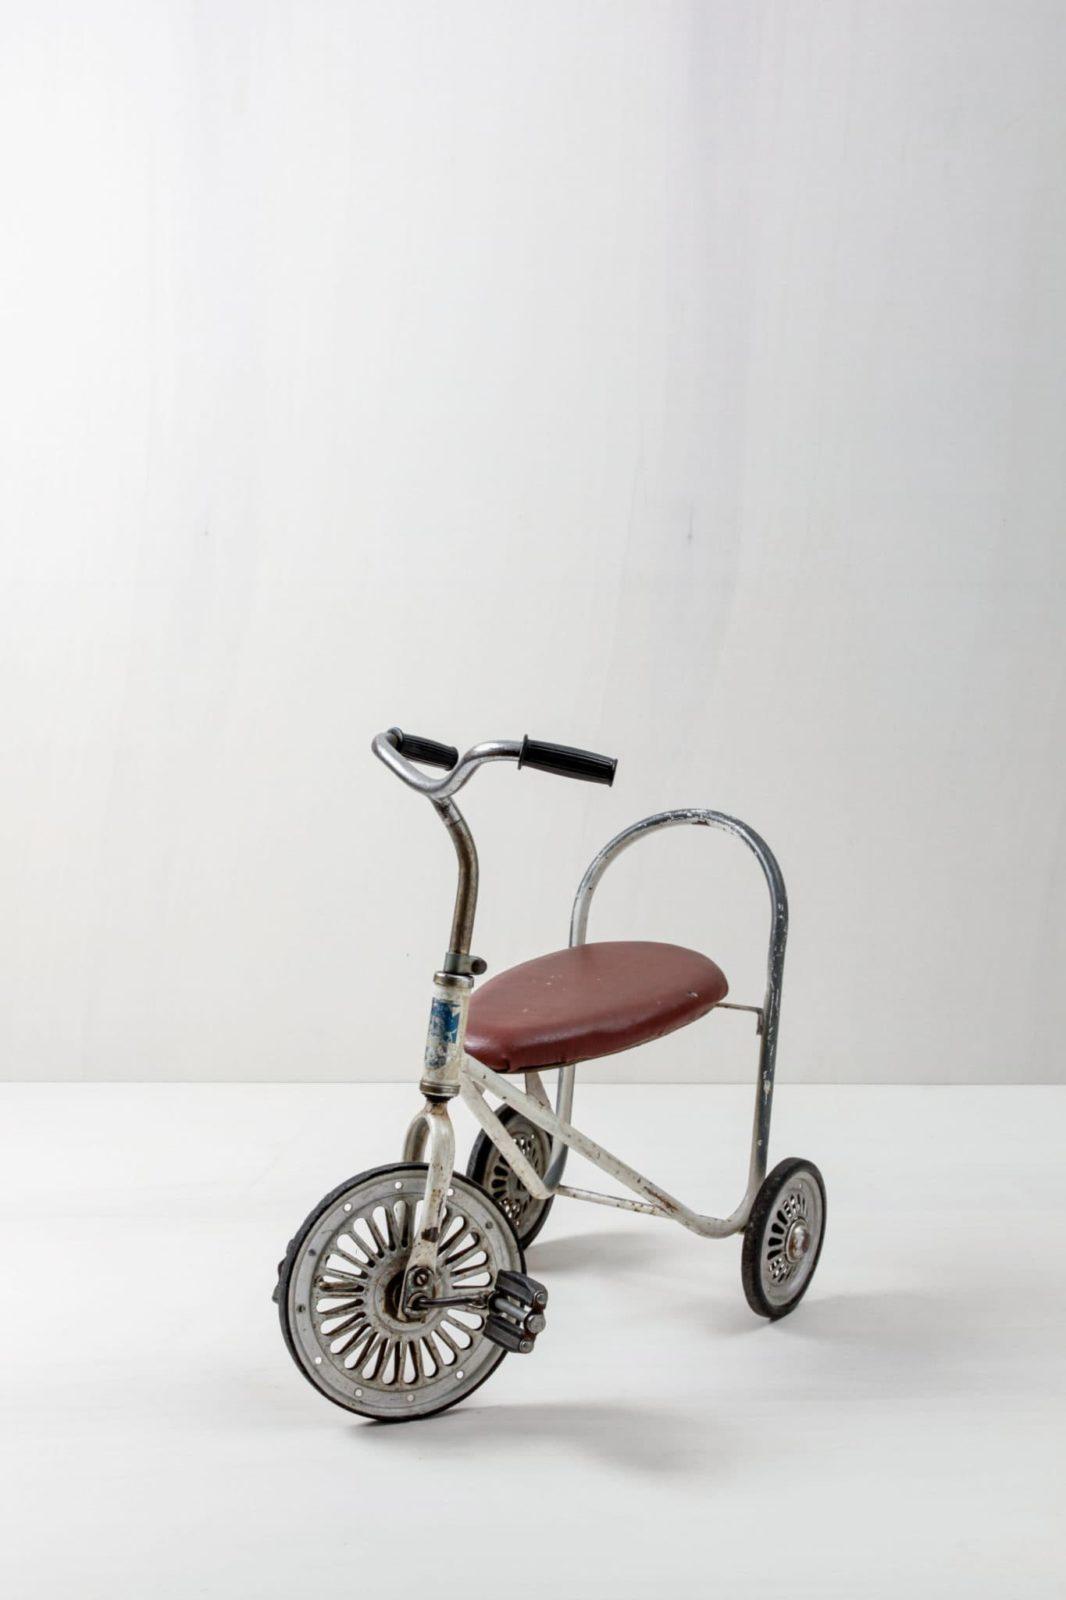 Dreirad Chico | Kleines dekoratives vintage Dreirad für Kinder. | gotvintage Rental & Event Design